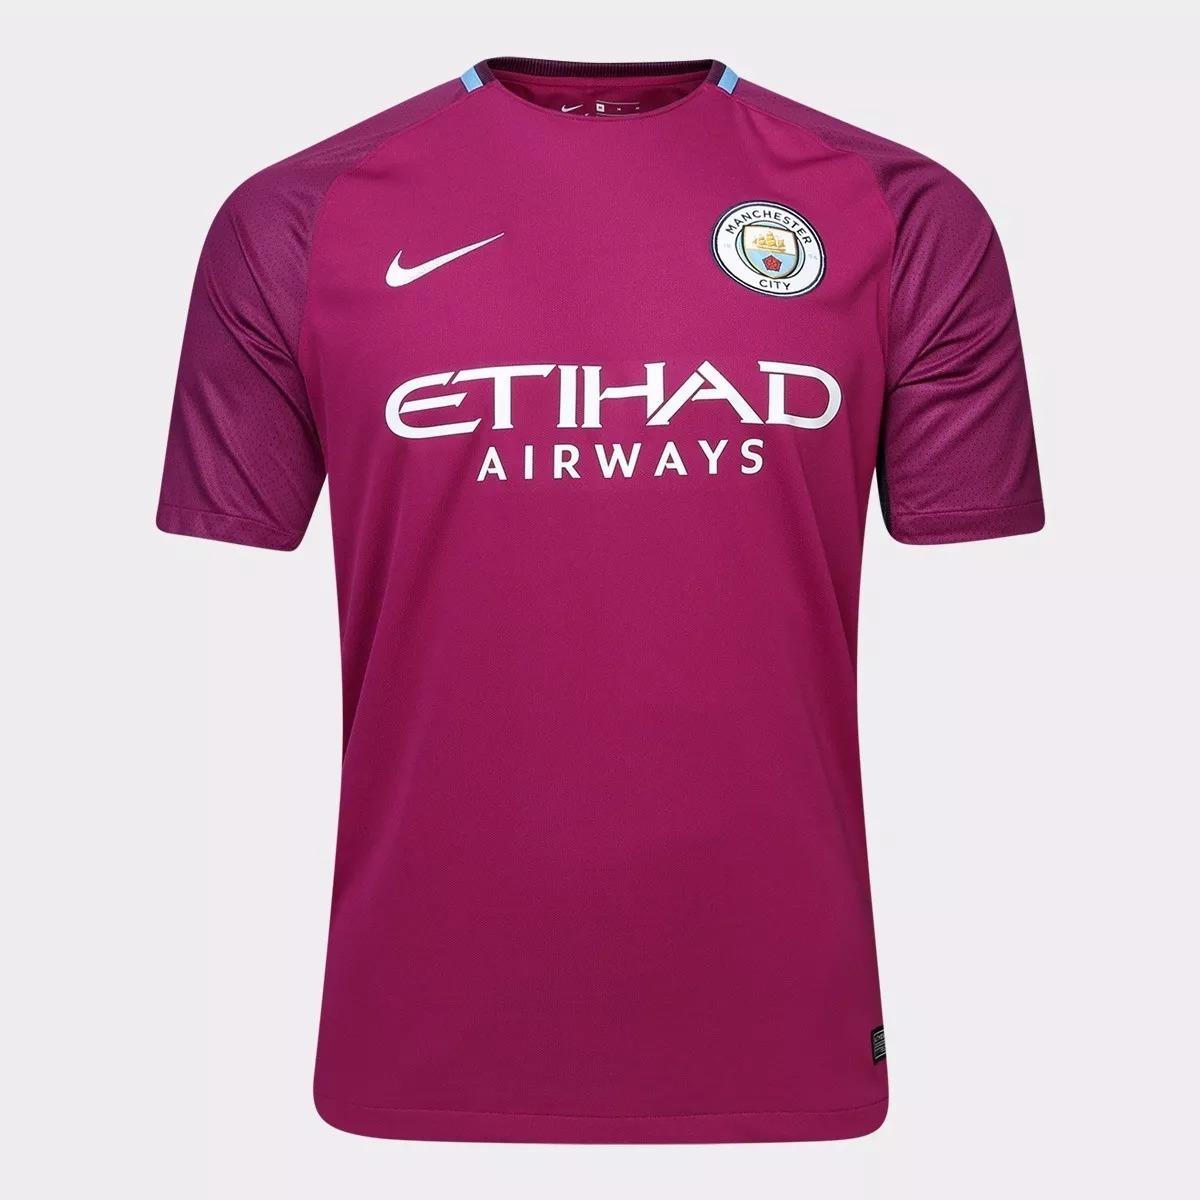 096b05332f065 camiseta manchester city sem numero original frete grátis. Carregando zoom.